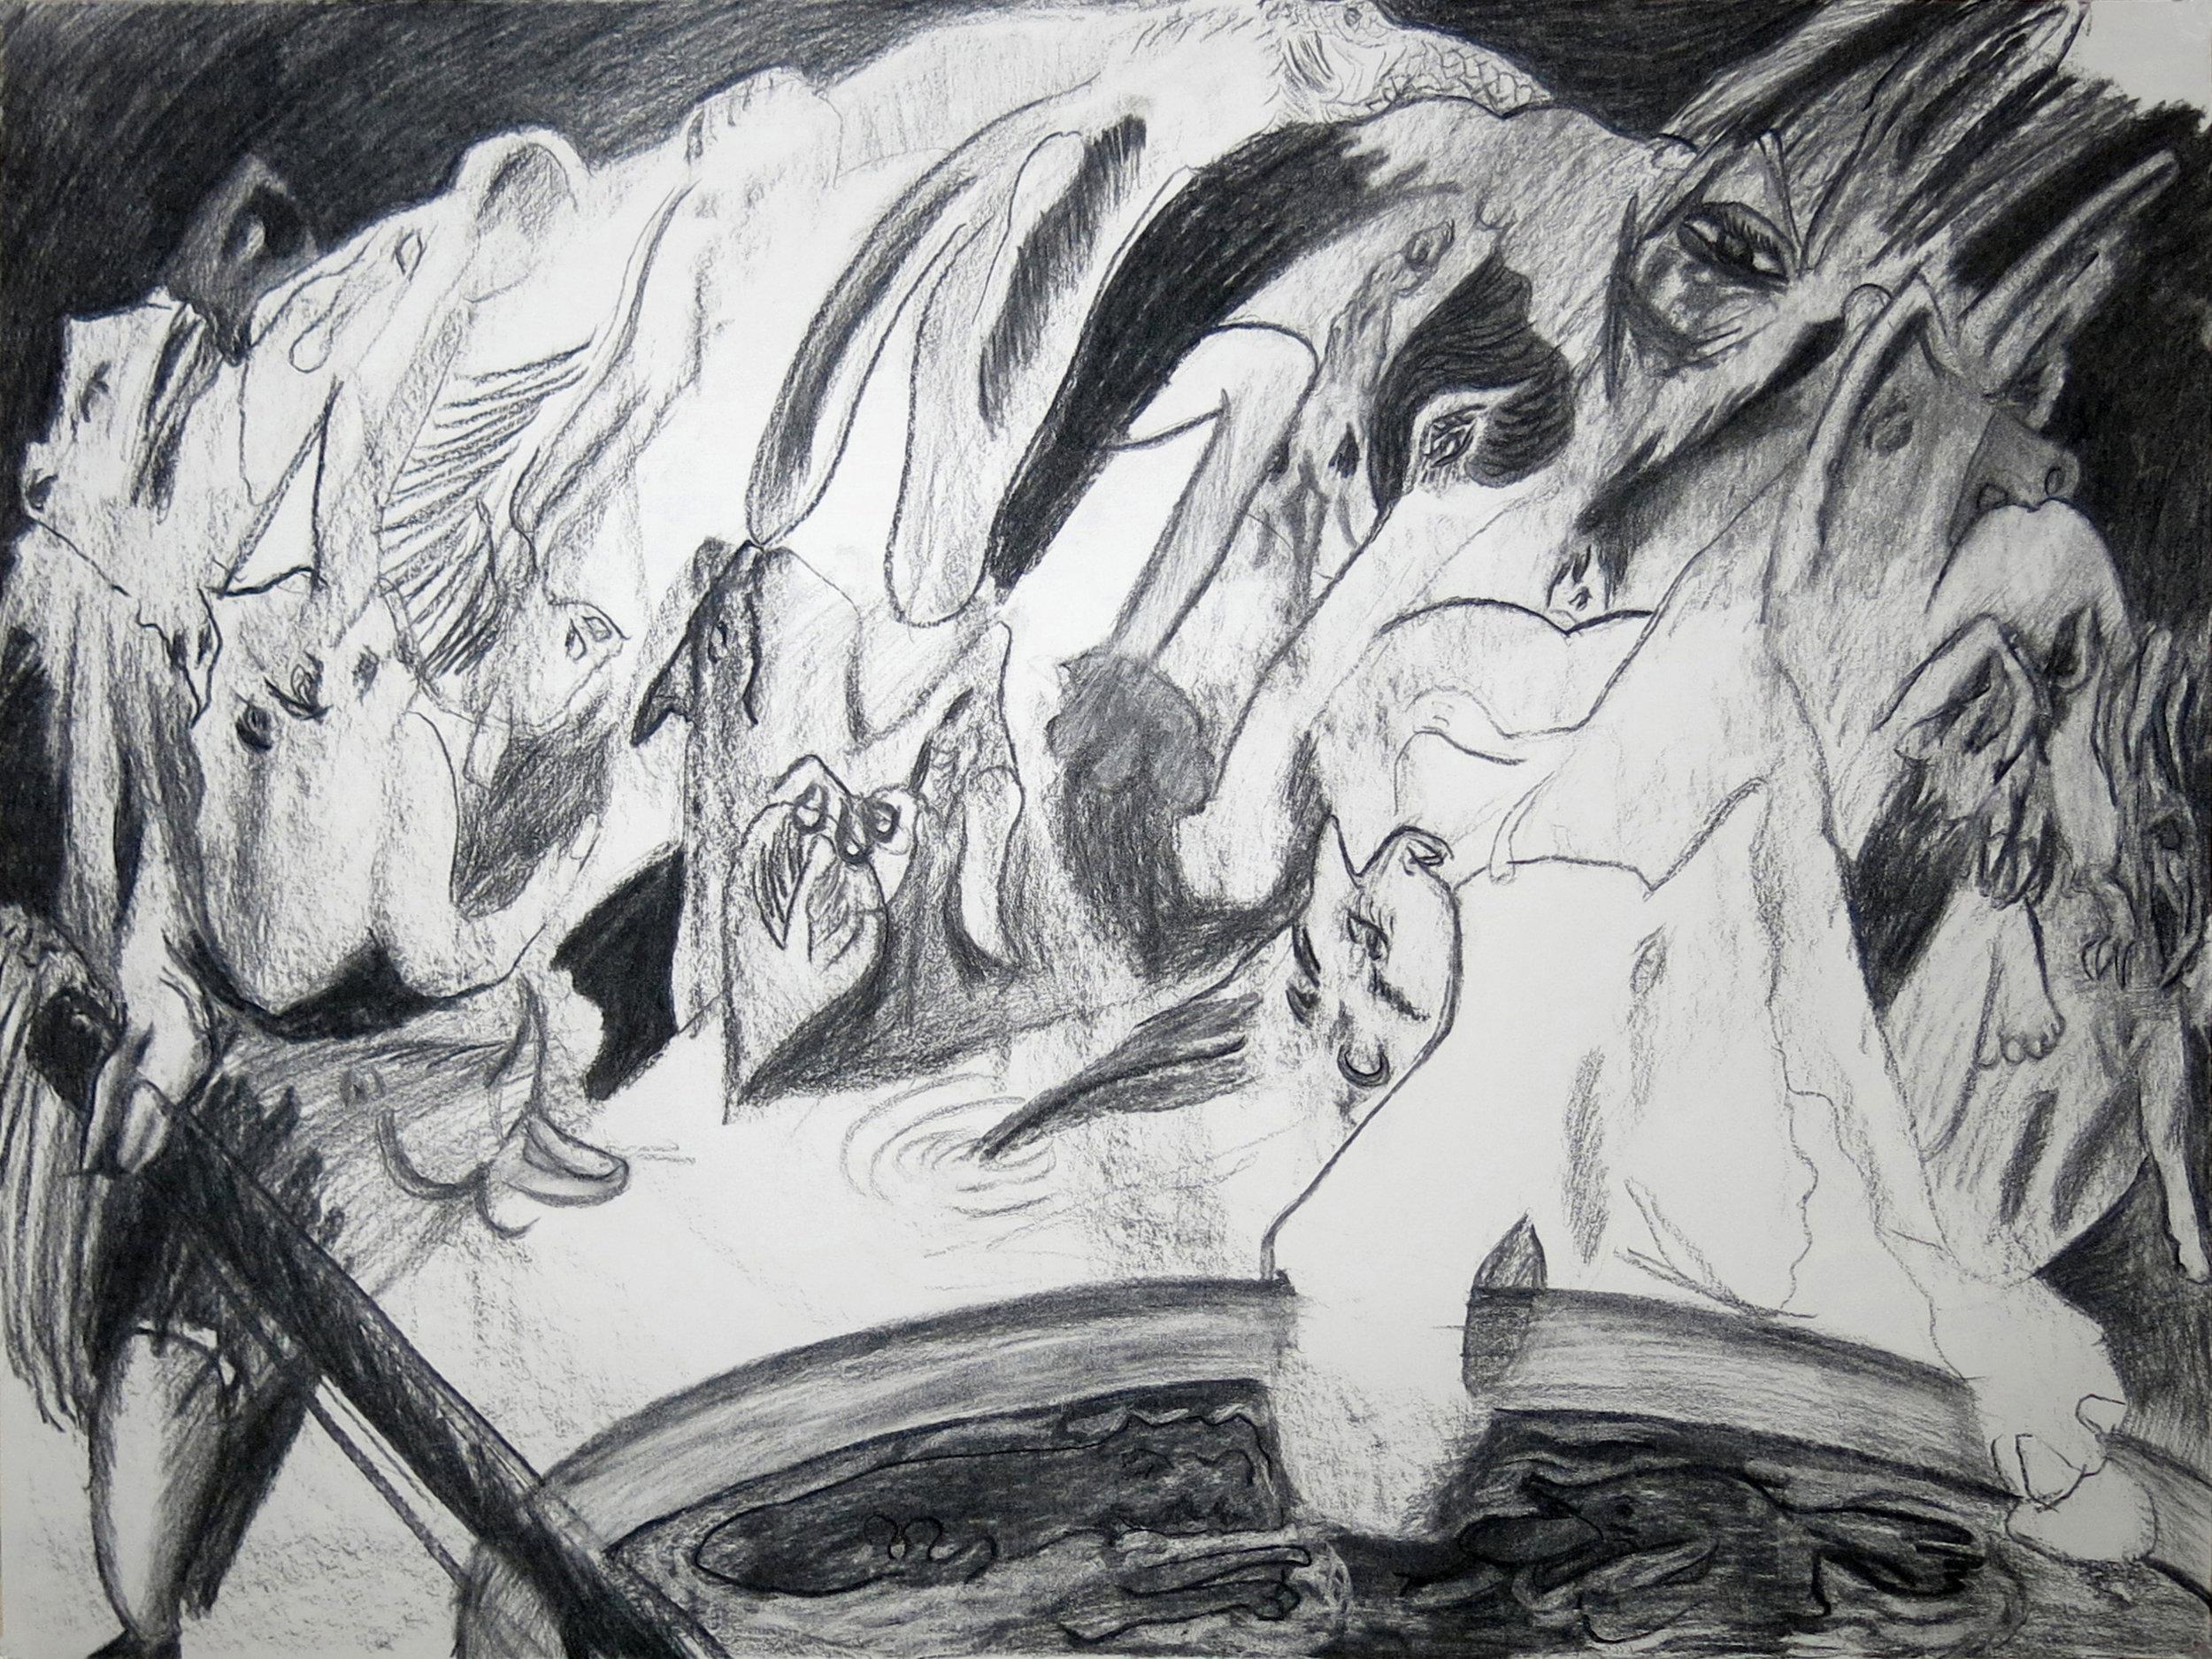 Mesopotamia Drawing #3